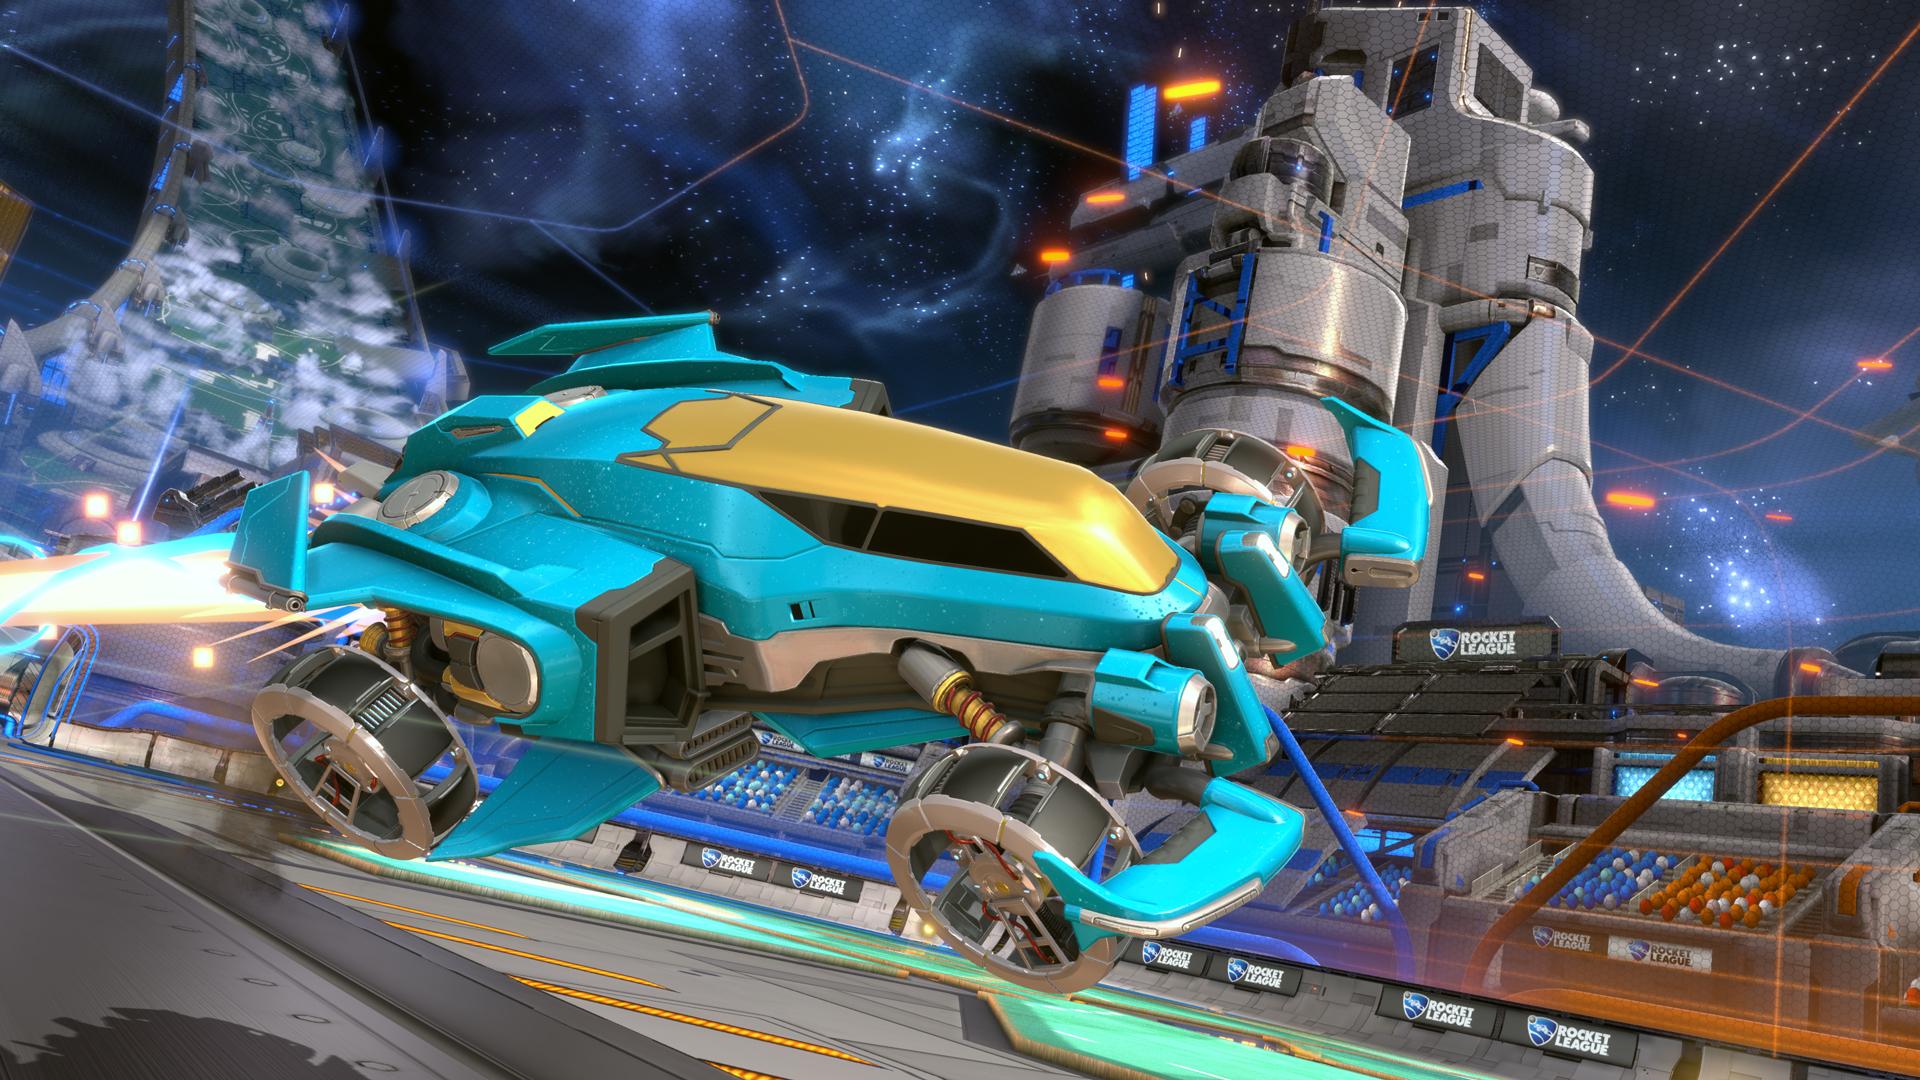 rocket_league_starbase_arc-5.jpg